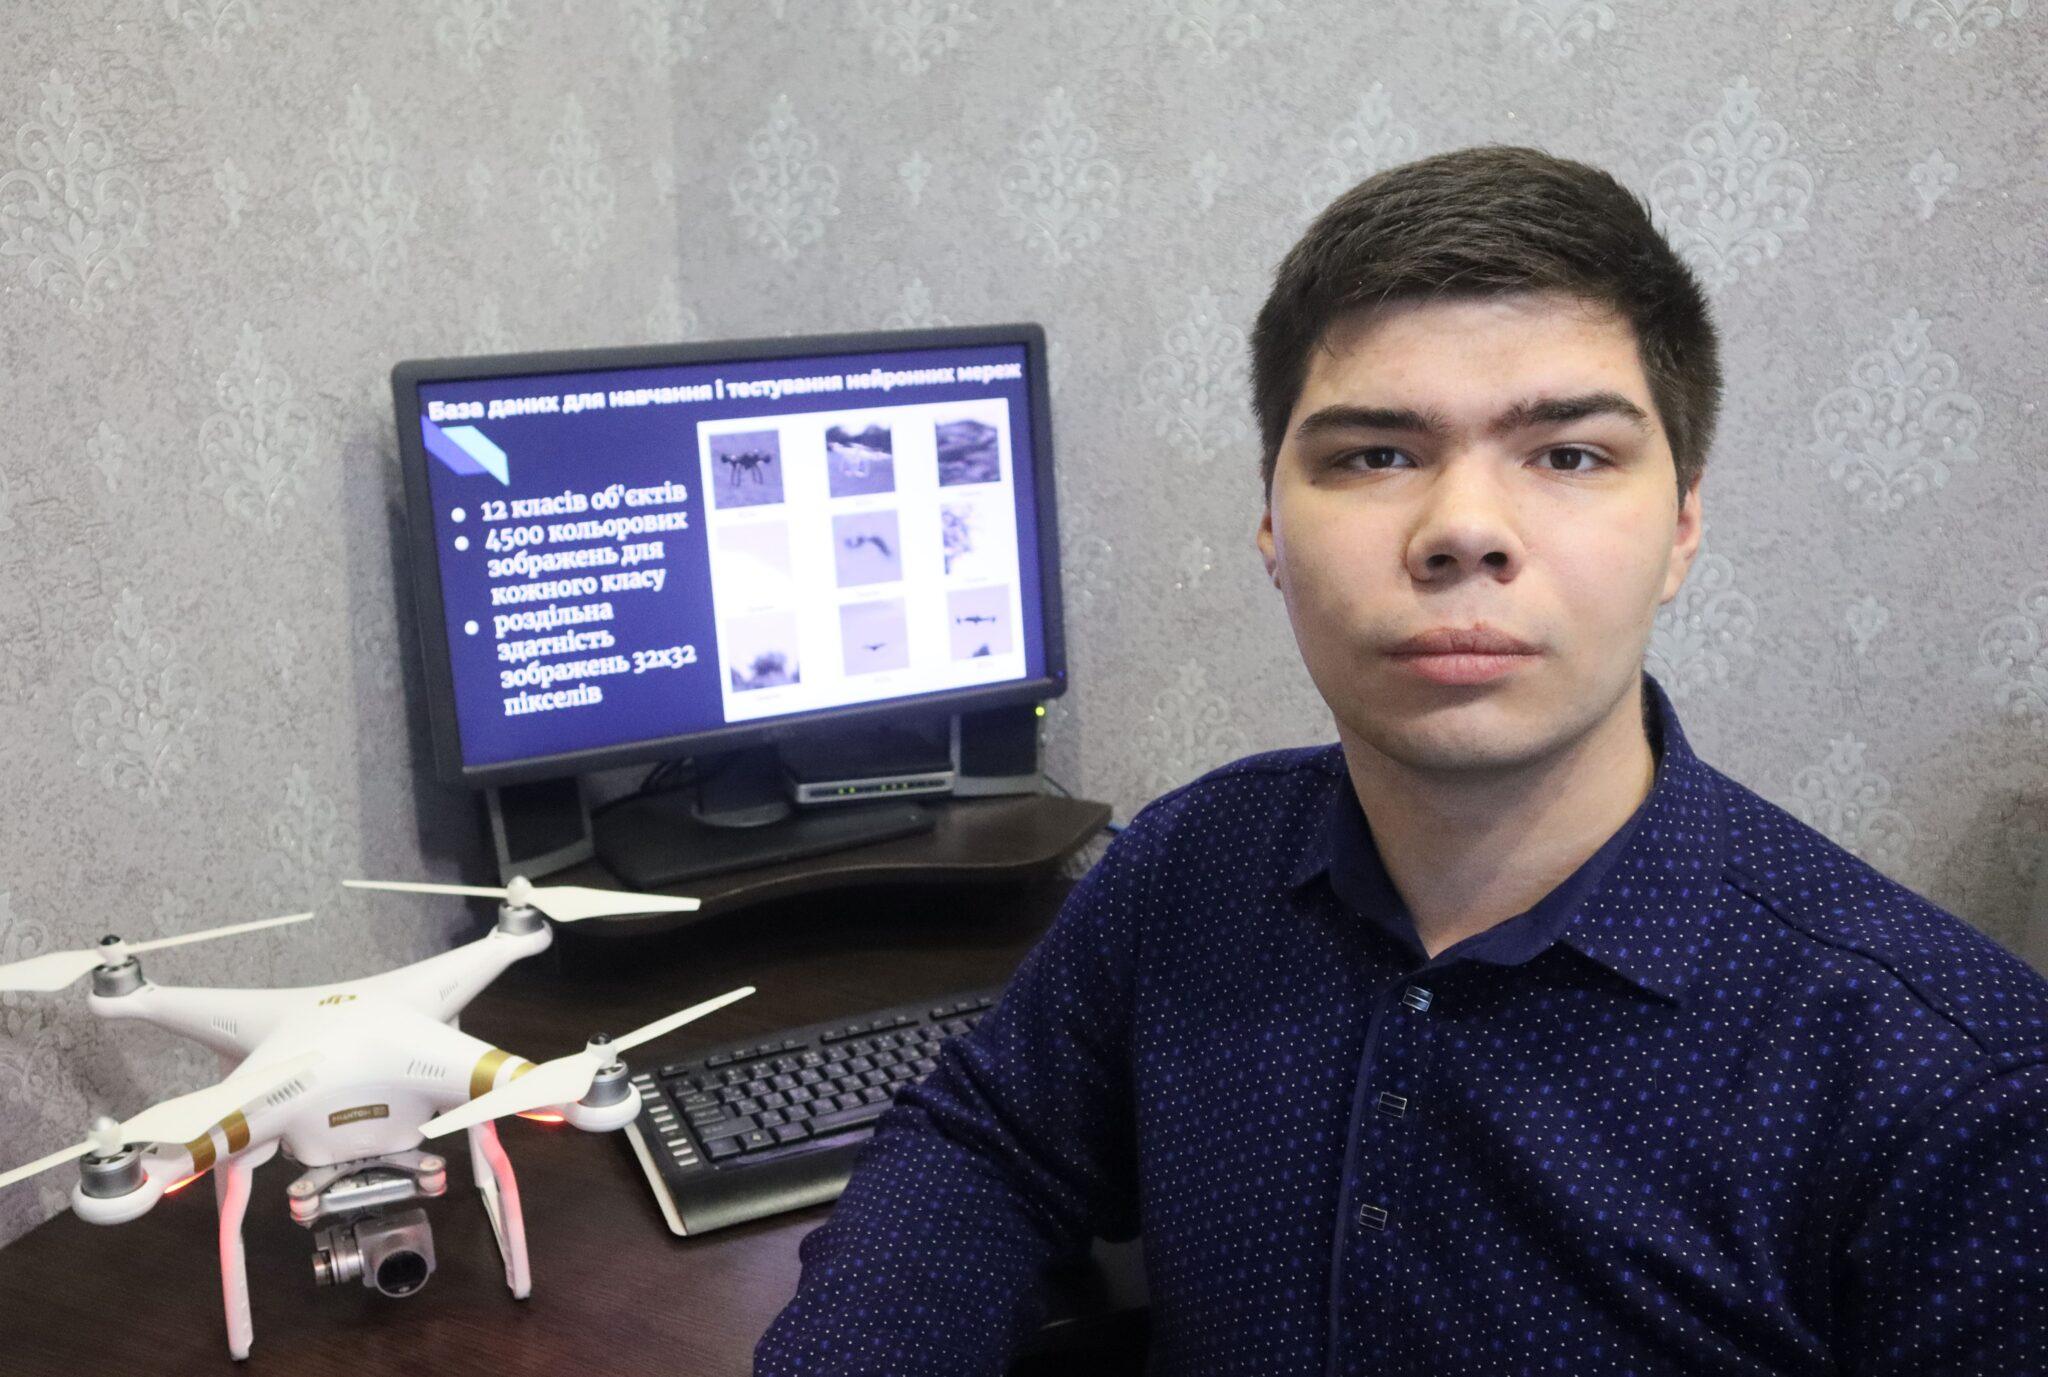 Поздоровляємо з перемогою Віталія Солодова у Всеукраїнському конкурсі студентських наукових робіт з